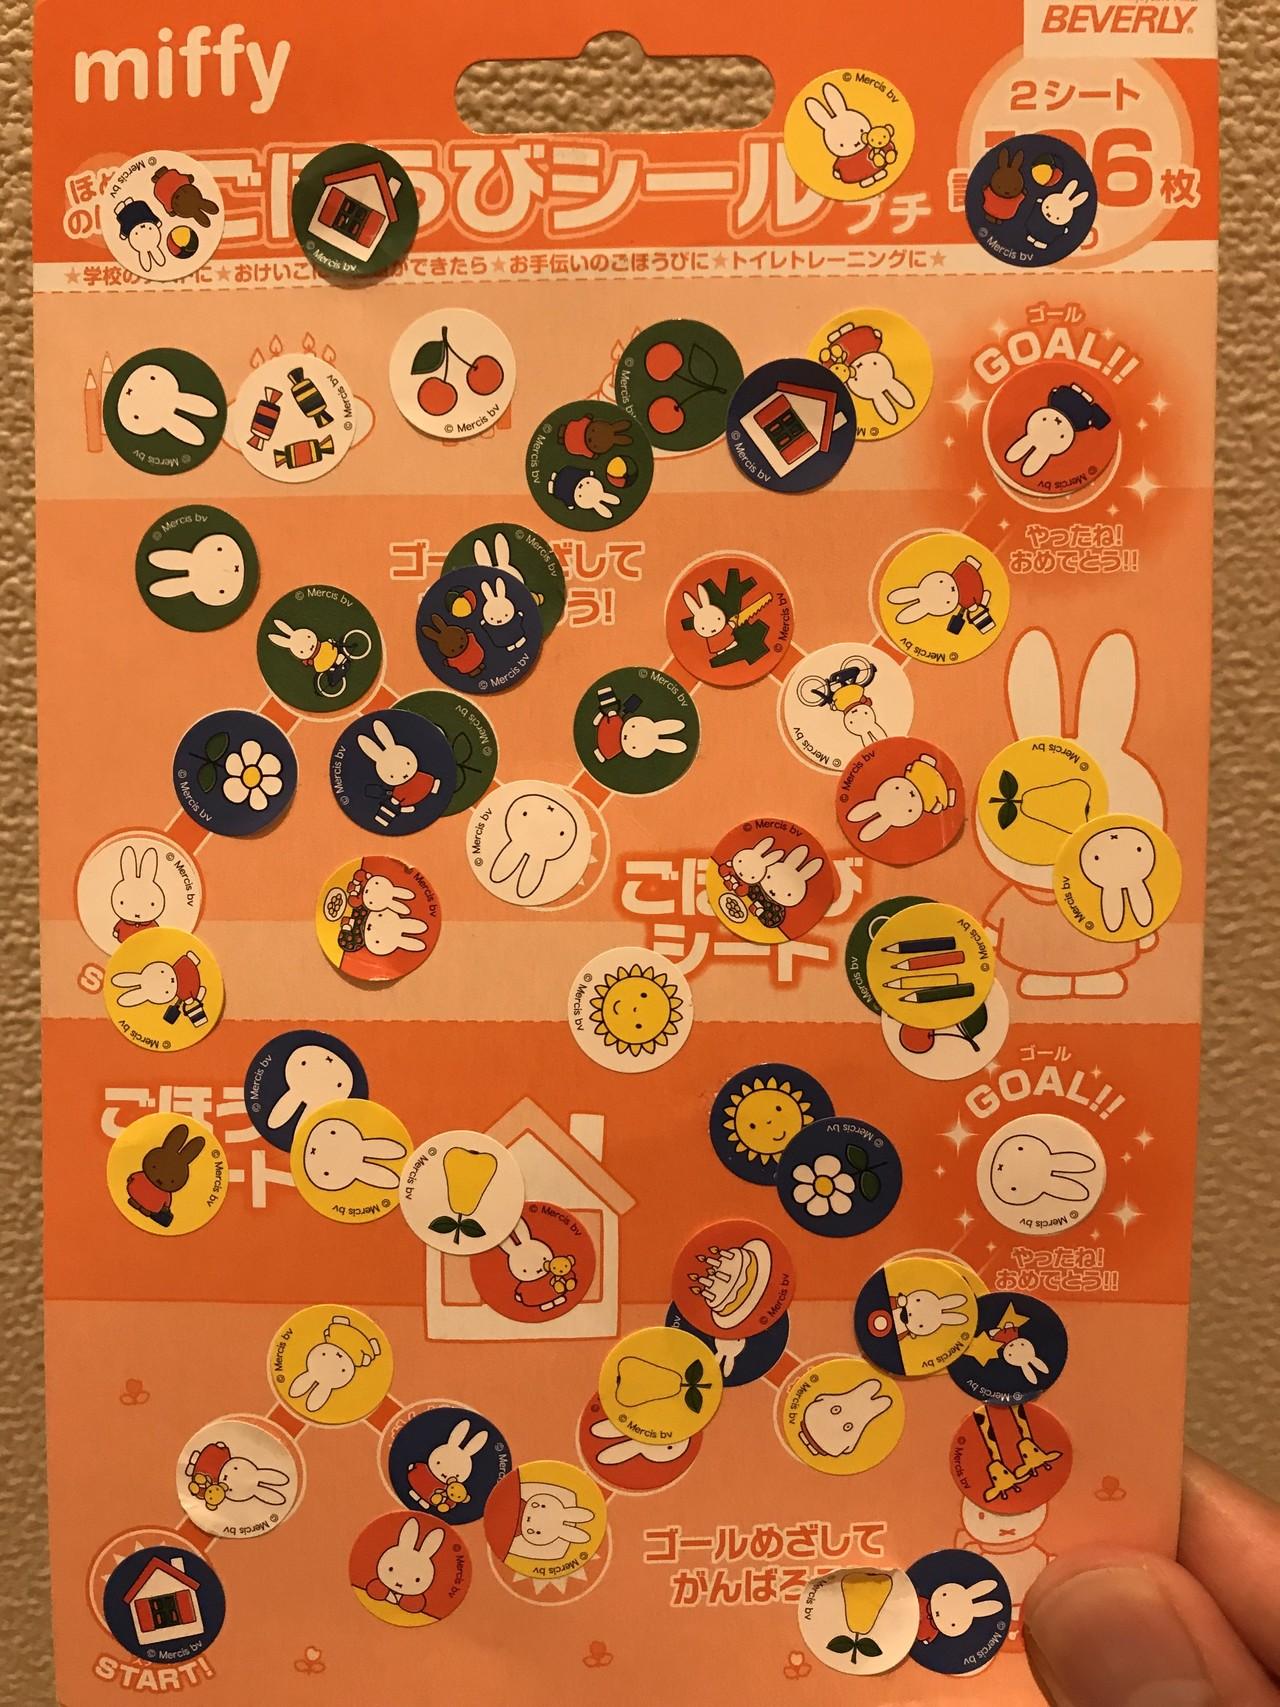 トイレトレーニングにカレンダーを使うとよかった